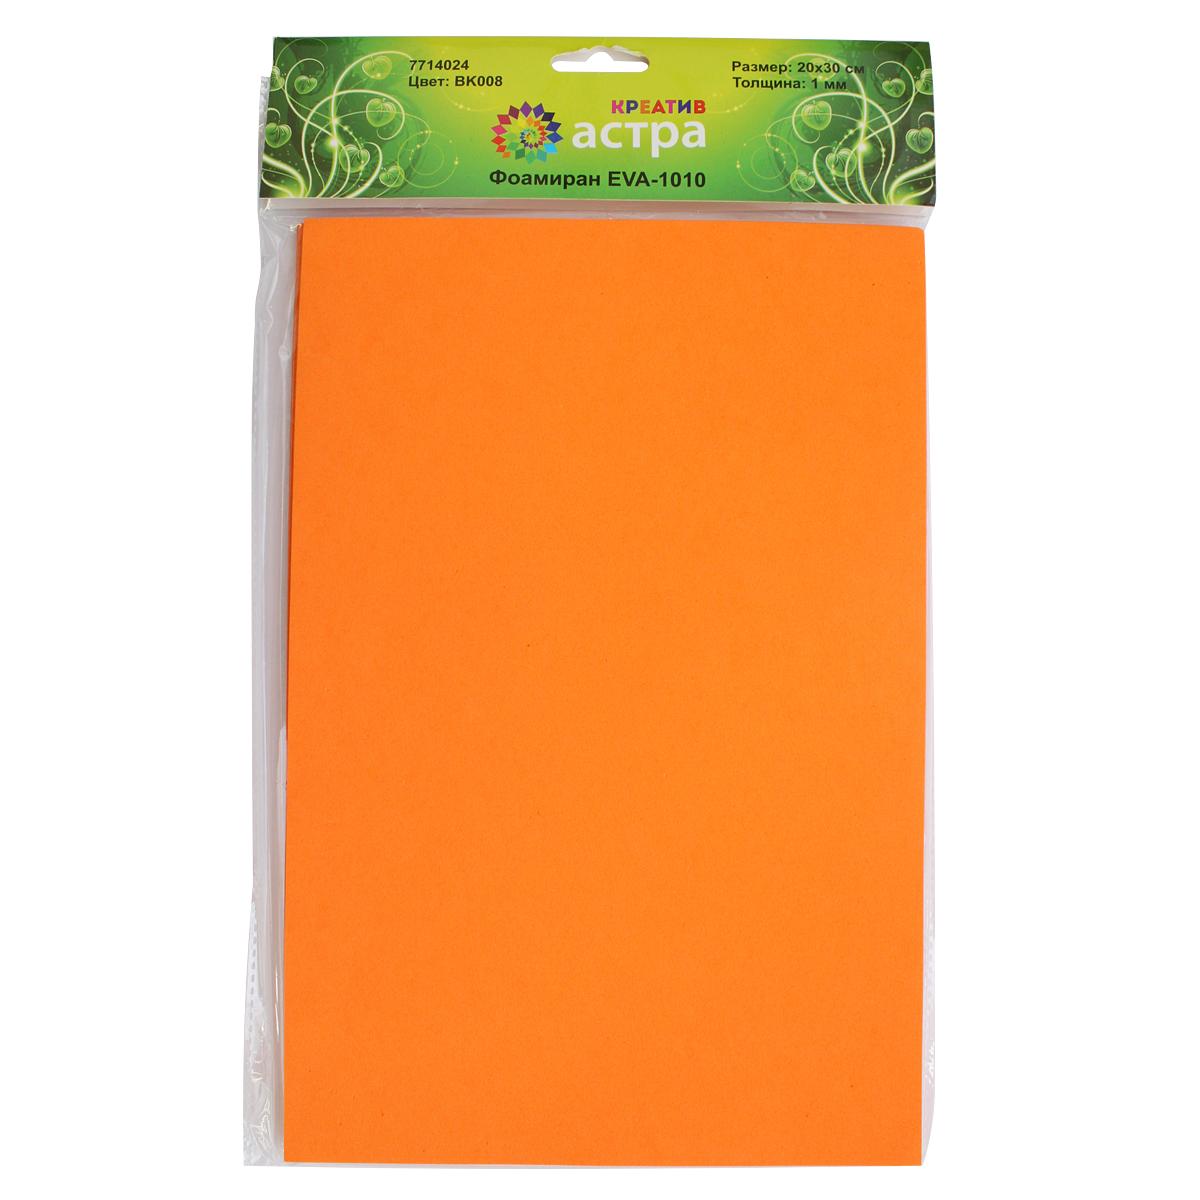 Фоамиран Астра, цвет: оранжевый, 20 х 30 см, 10 шт7714024_BK008 оранжевыйФоамиран Астра - это пластичная замша, ее можно применить для создания разнообразного вида декора: открытки, магнитики, цветы, забавные игрушки и т.д. Главная особенность материала фоамиран заключается в его способности к незначительному растяжению, которого вполне достаточно для «запоминания» изделием своей формы. На ощупь мягкая синтетическая замша очень приятна и податлива, поэтому работать с ней не составит труда даже начинающему. Размер ткани: 200 x 300 мм. В упаковке 10 штук.